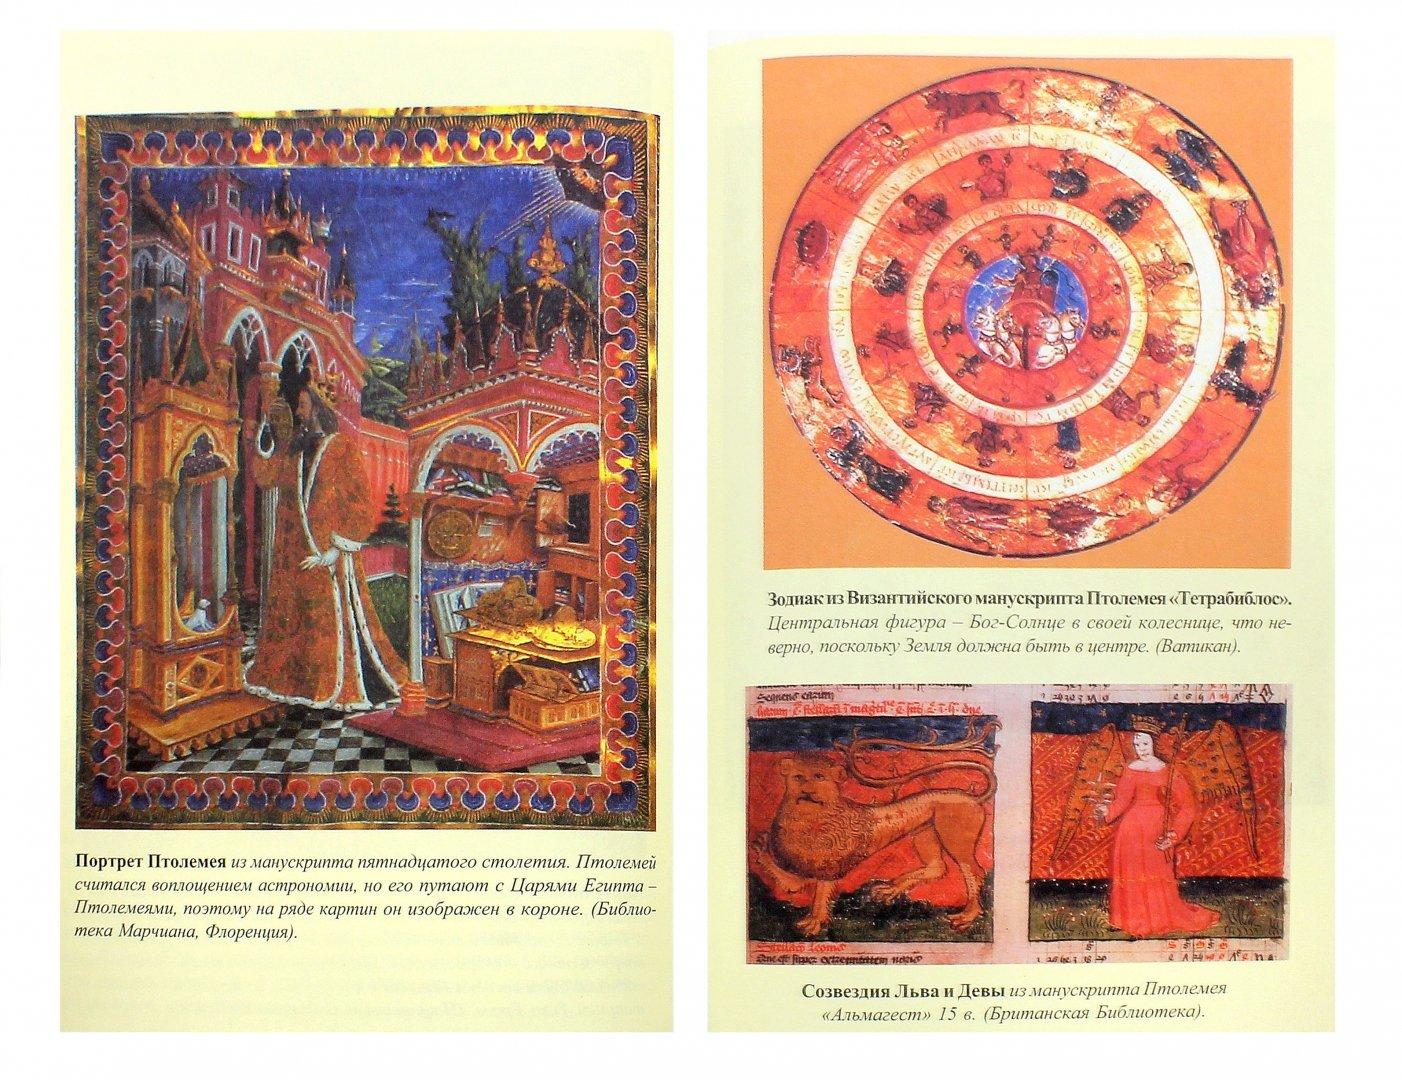 Иллюстрация 1 из 18 для История астрологии - К. Жилински   Лабиринт - книги. Источник: Лабиринт